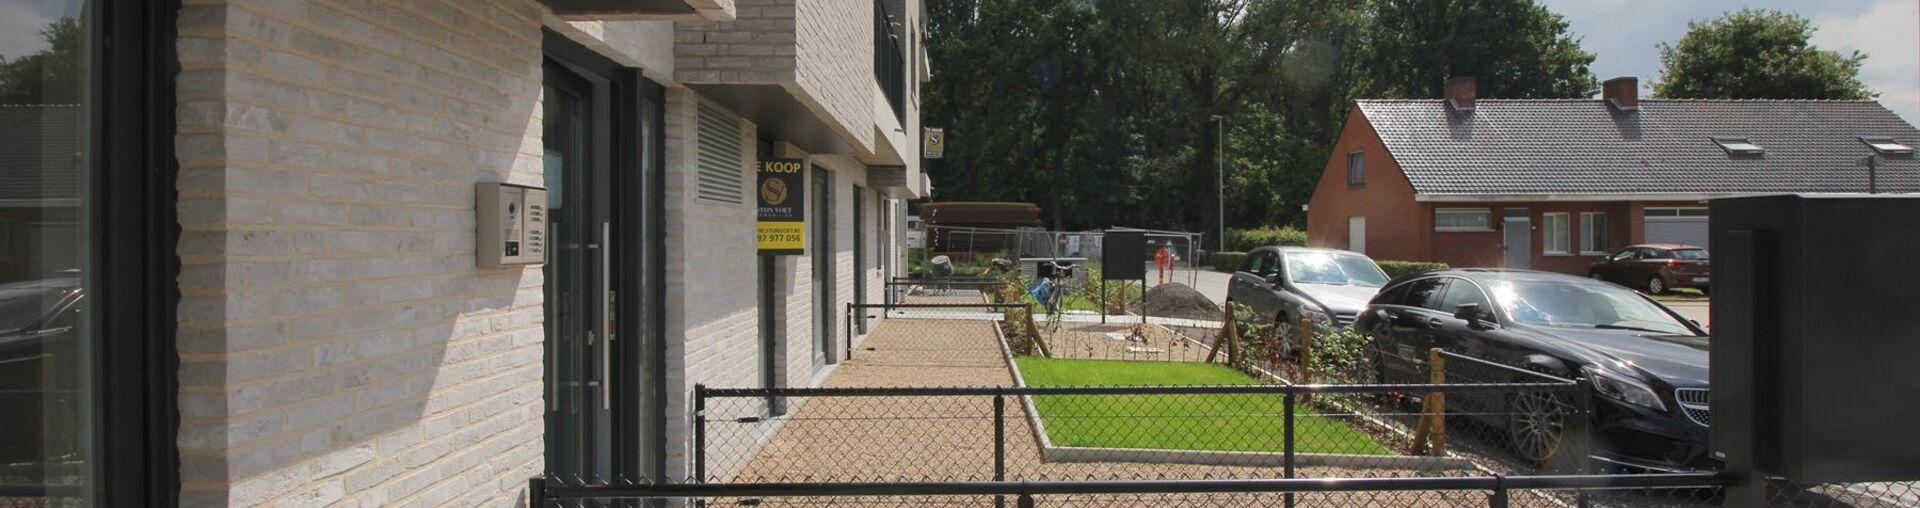 Residentie De Berenpoort (Fase 2)